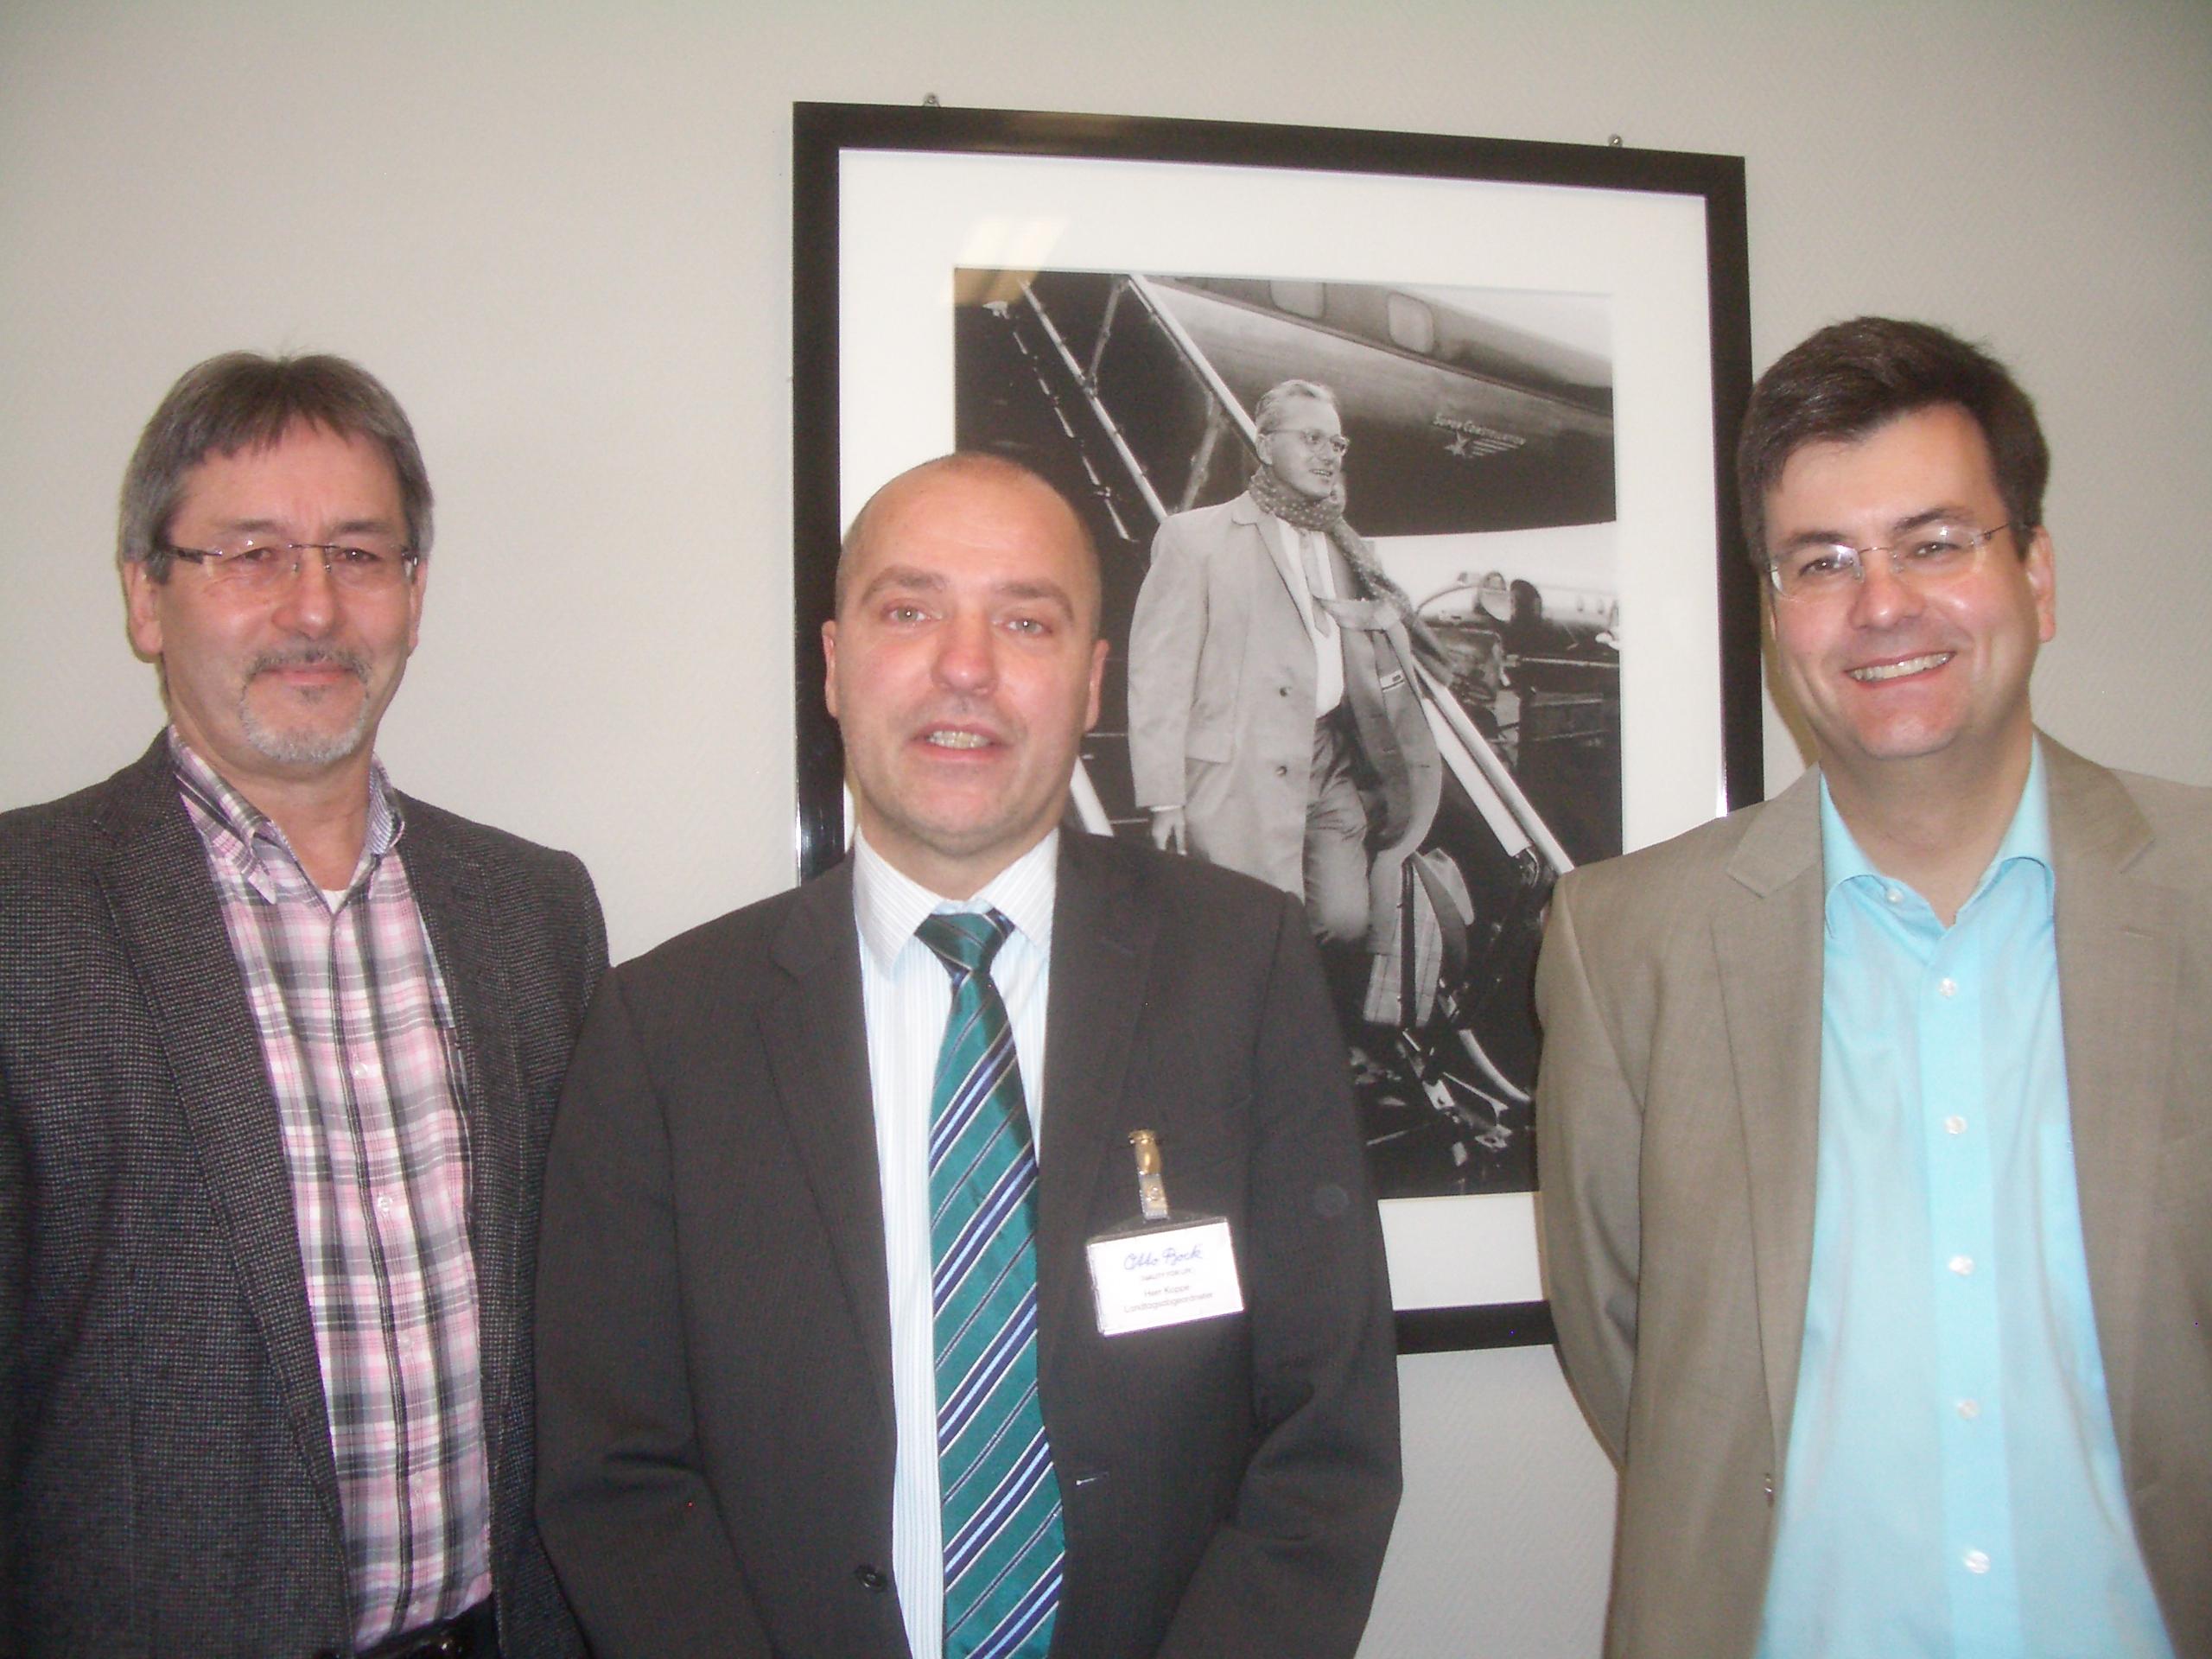 Besuch der Firma Otto Bock HealthCare GmbH Königsee